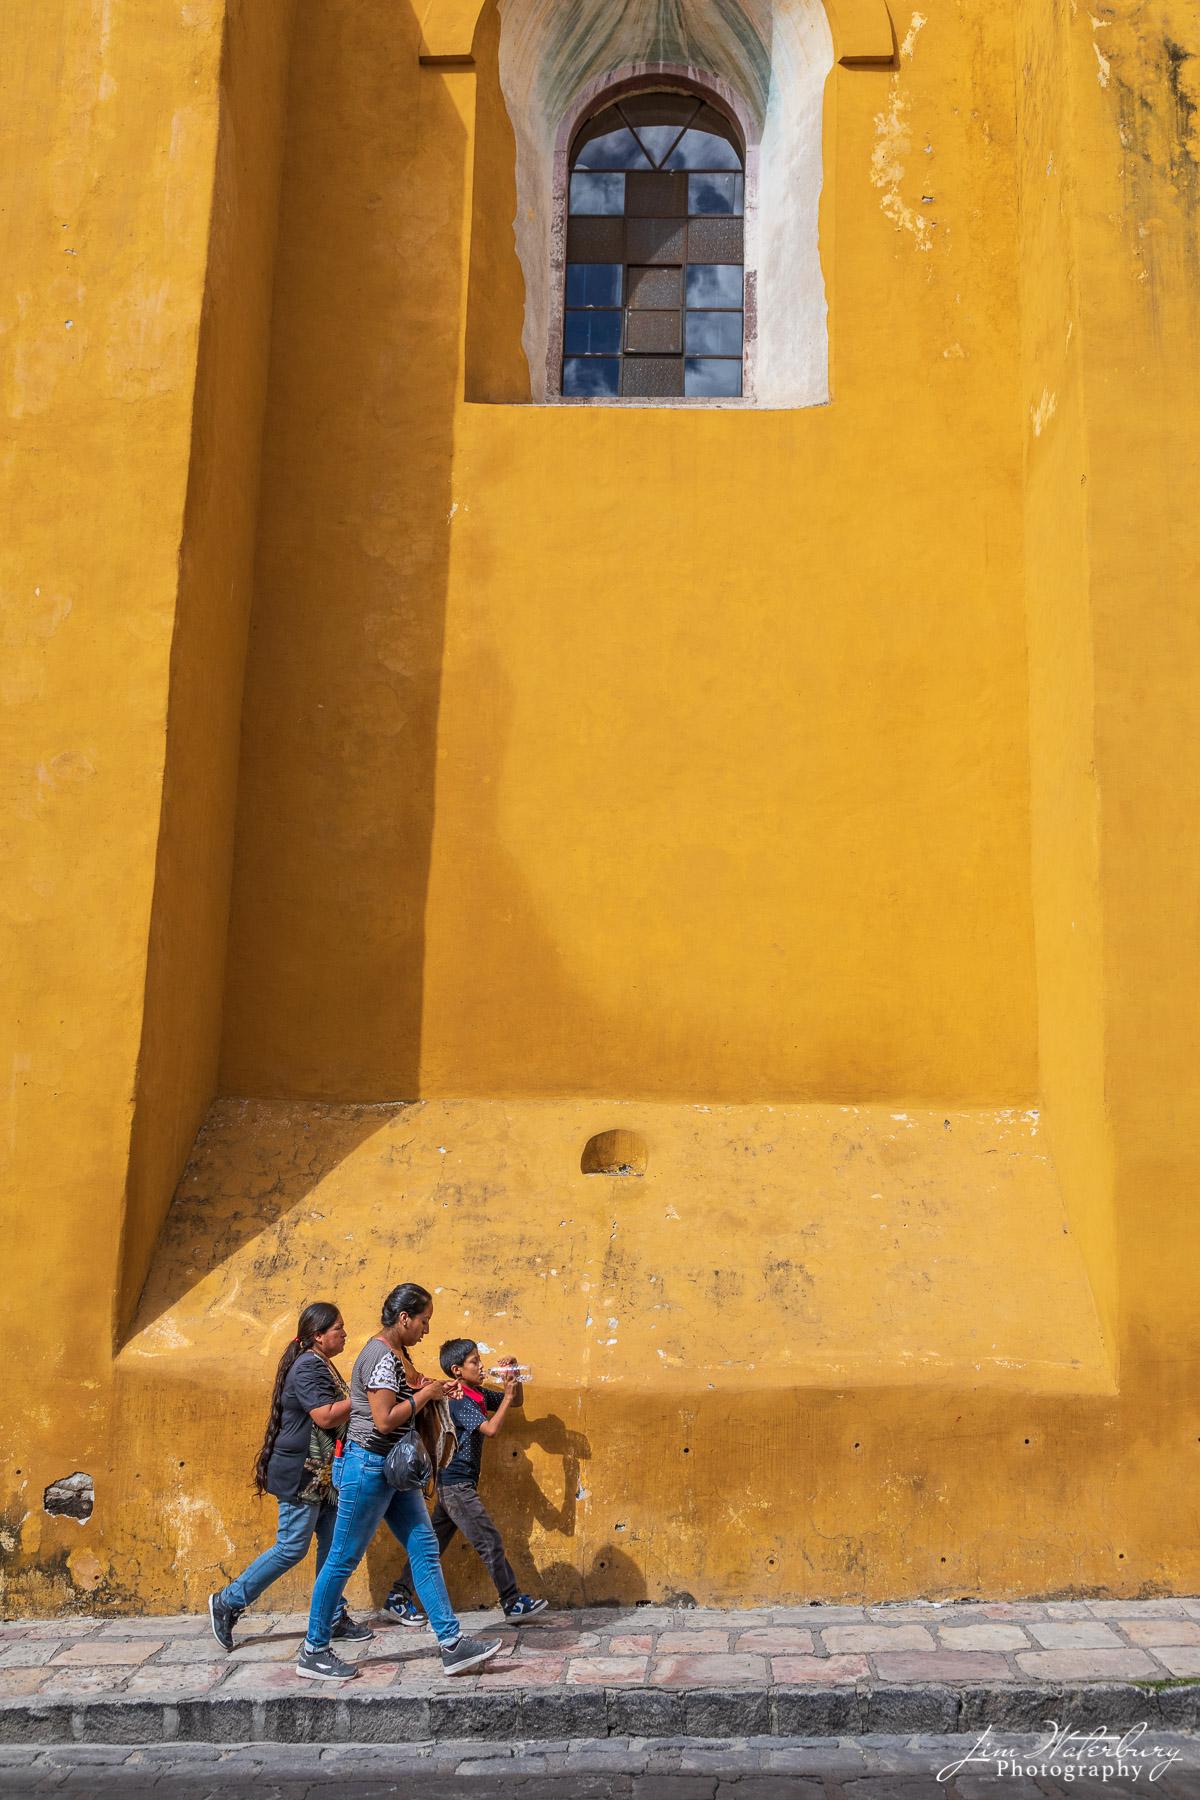 Mexico, North America, SMA, San Miguel de Allende, photo